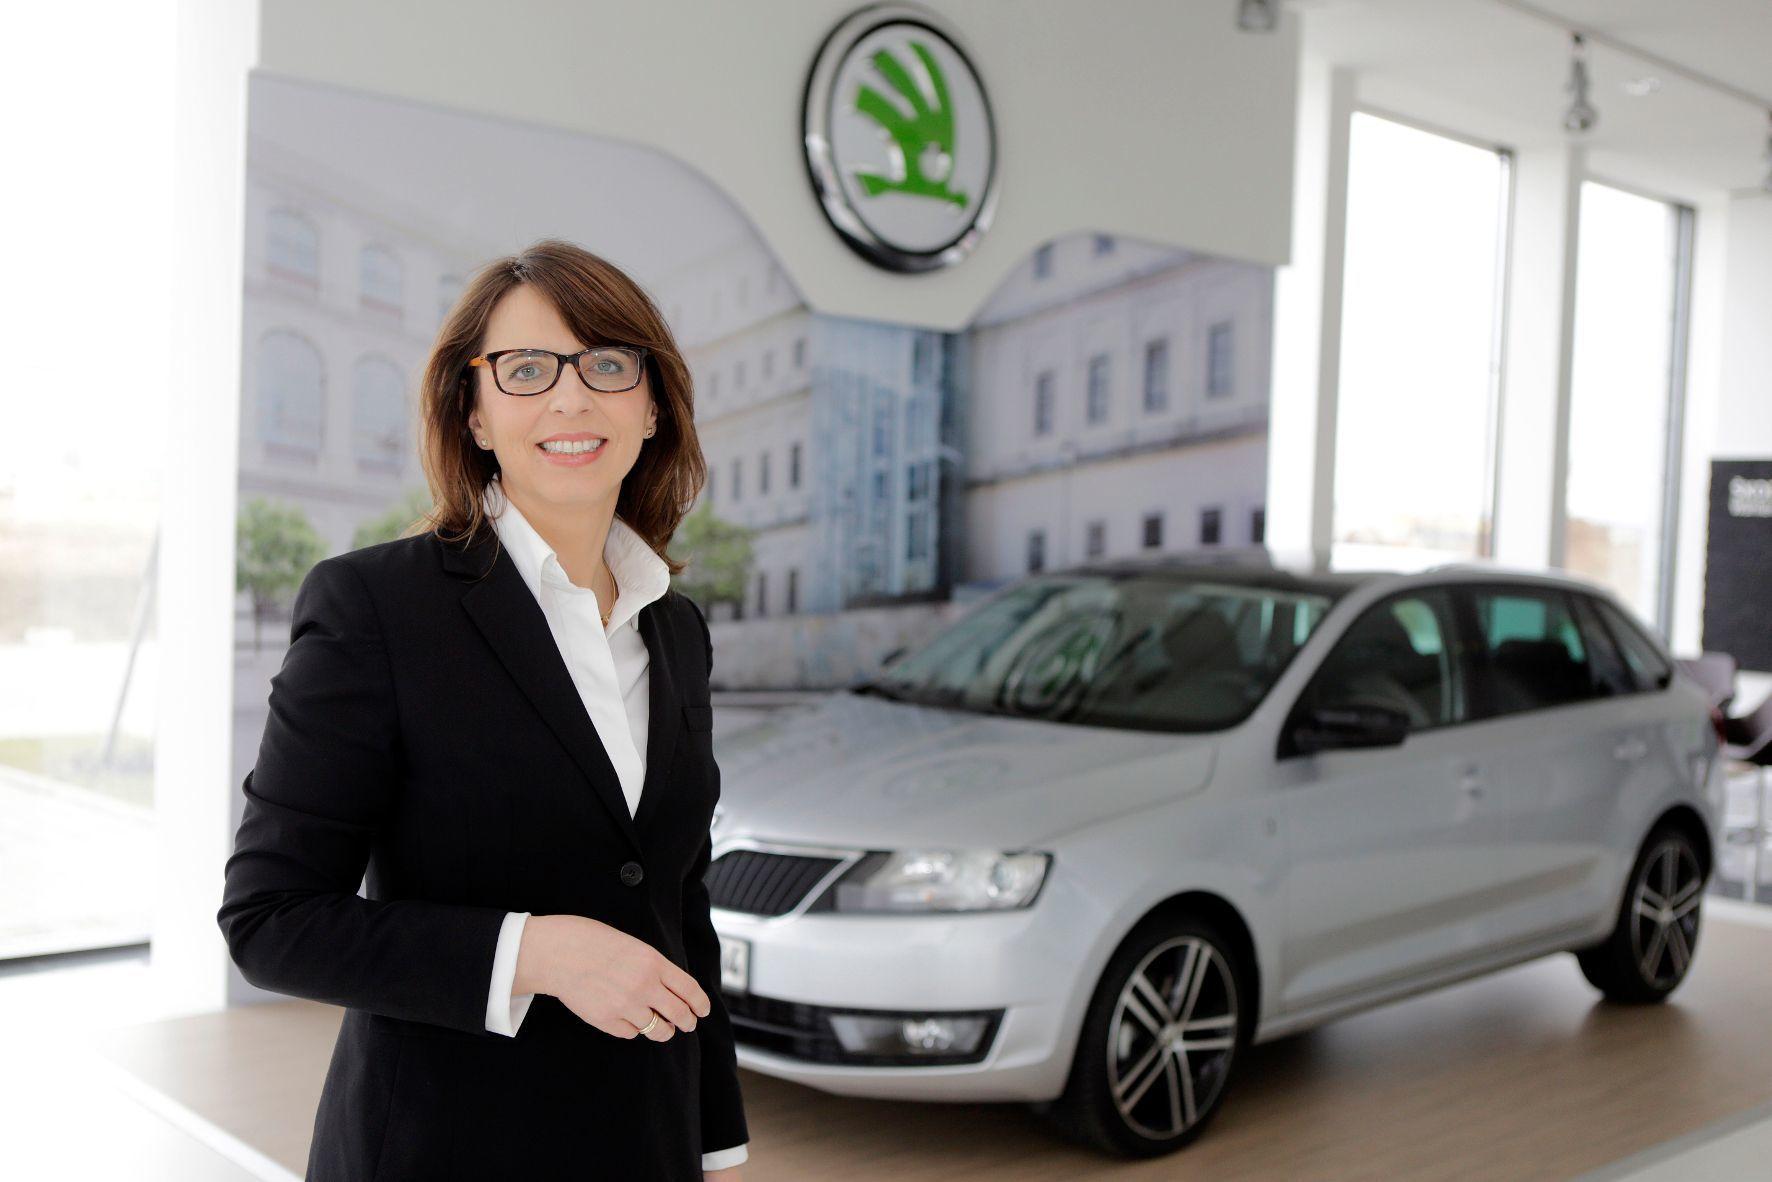 mid Groß-Gerau - Imelda Labbé, Sprecherin der Geschäftsführung von Skoda, verlässt den Autobauer mit Rekordzahlen. Sie werde Skoda vermissen, sagte sie in ihrer Abschiedrede. Ab sofort ist sie für das Aftersales-Geschäft bei Volkswagen verantwortlich.